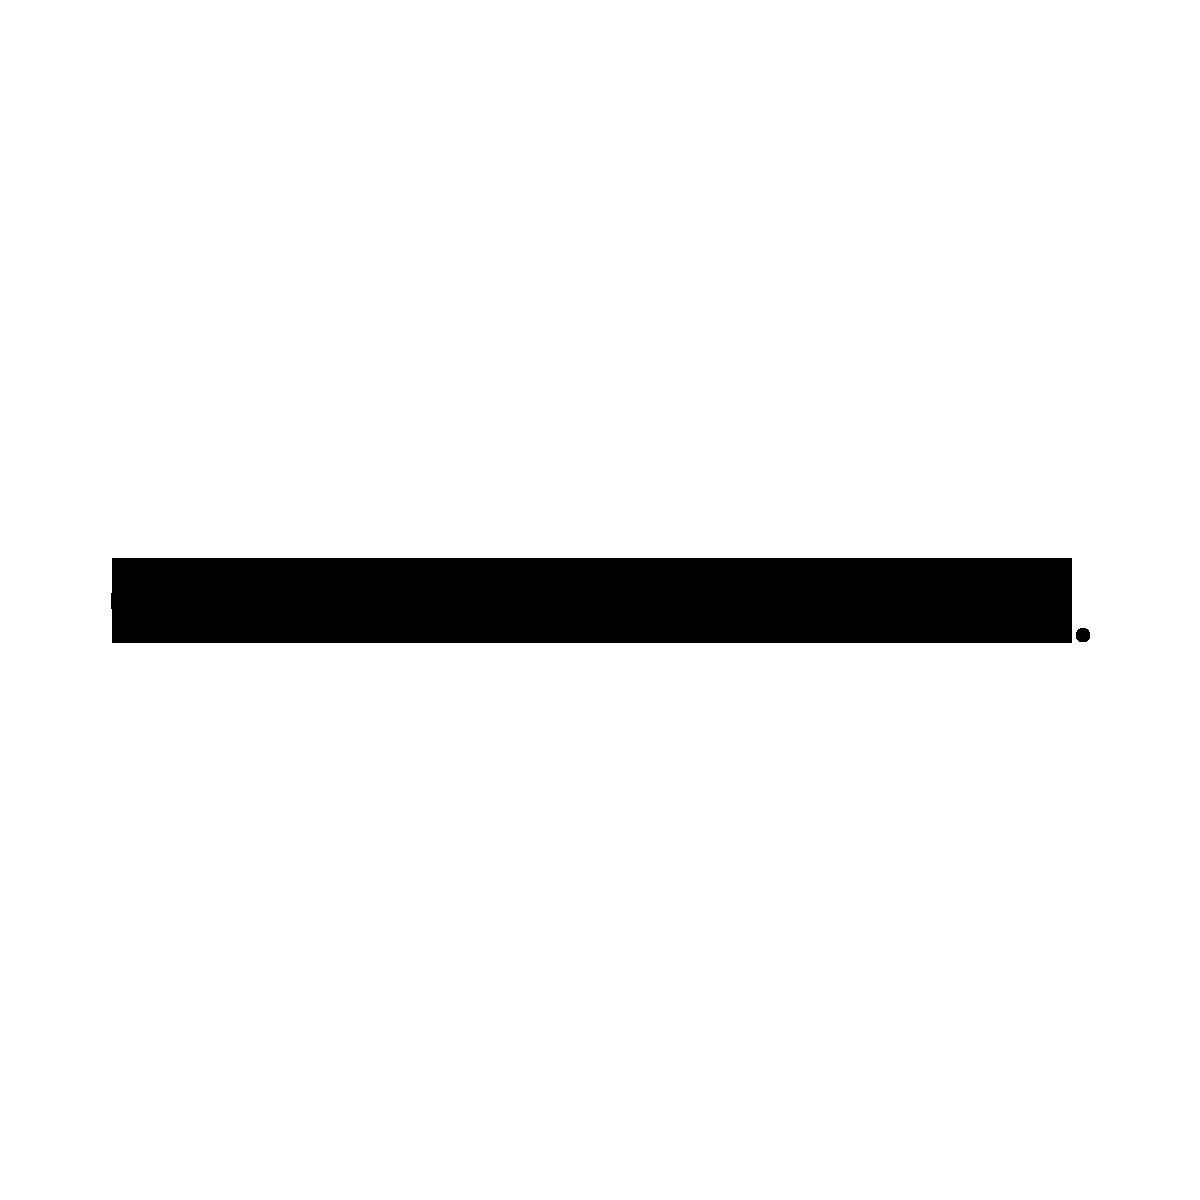 Iconisch Marianneke handgeschuurd leer cognac 261010025 aan model